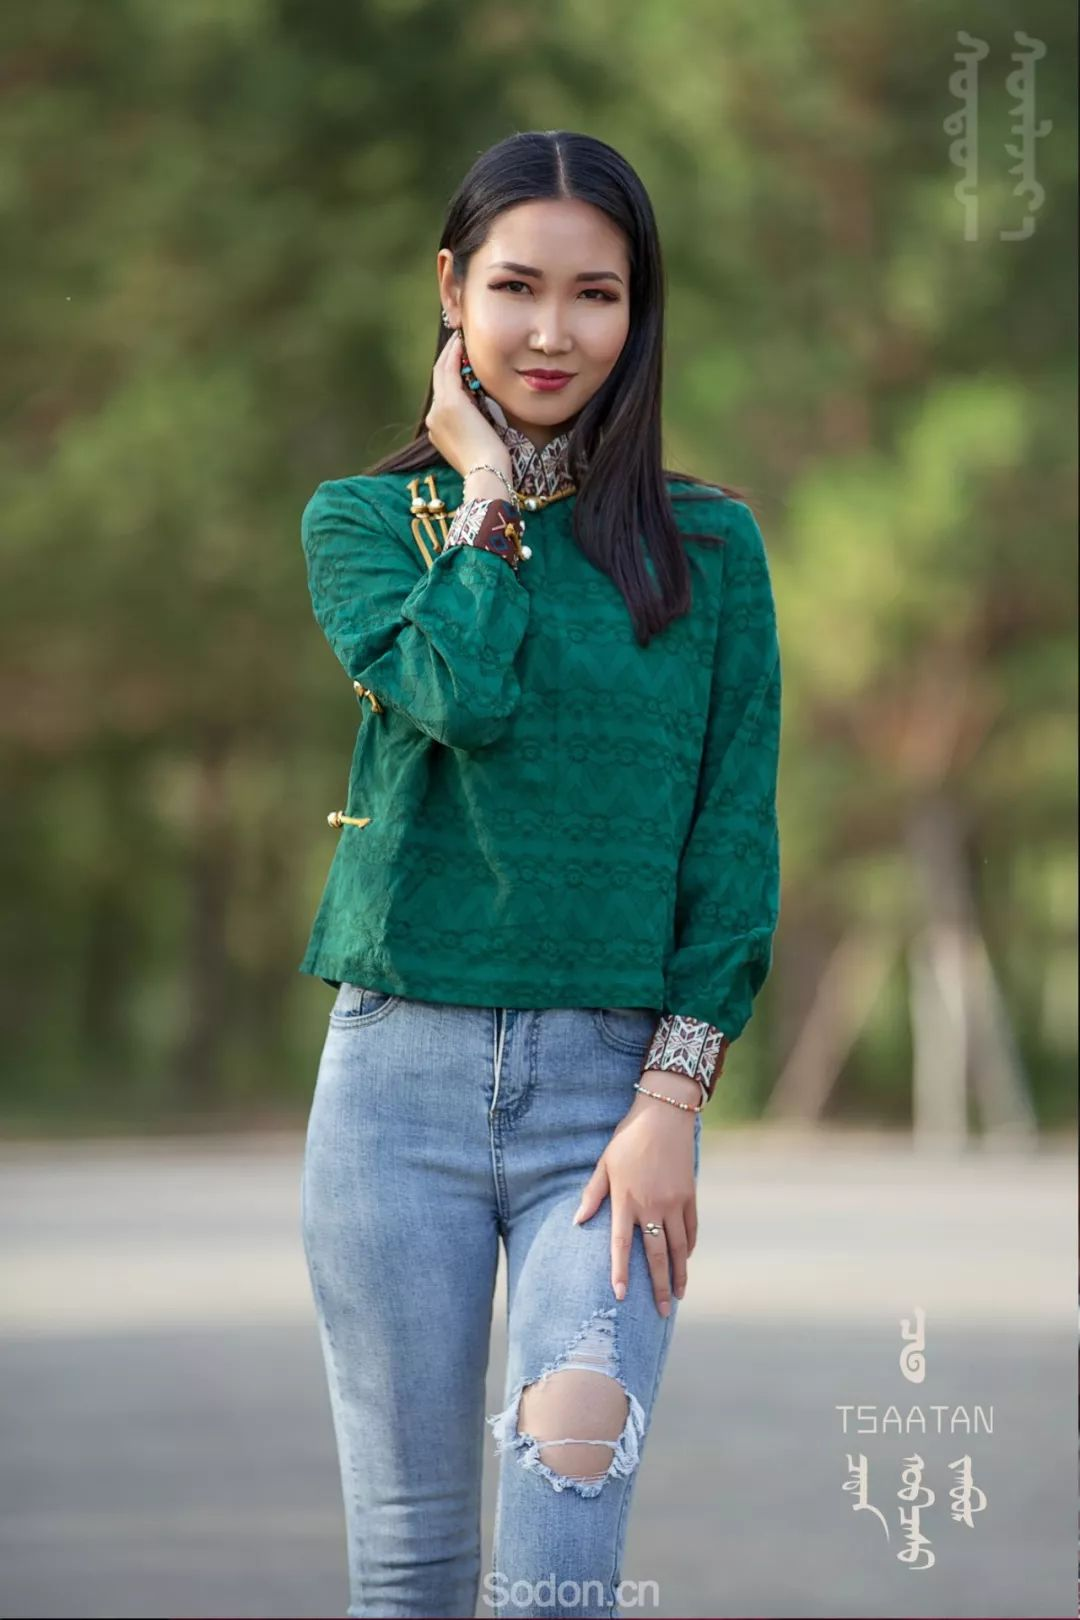 TSAATAN蒙古时装 2019新款,来自驯鹿人的独特魅力! 第99张